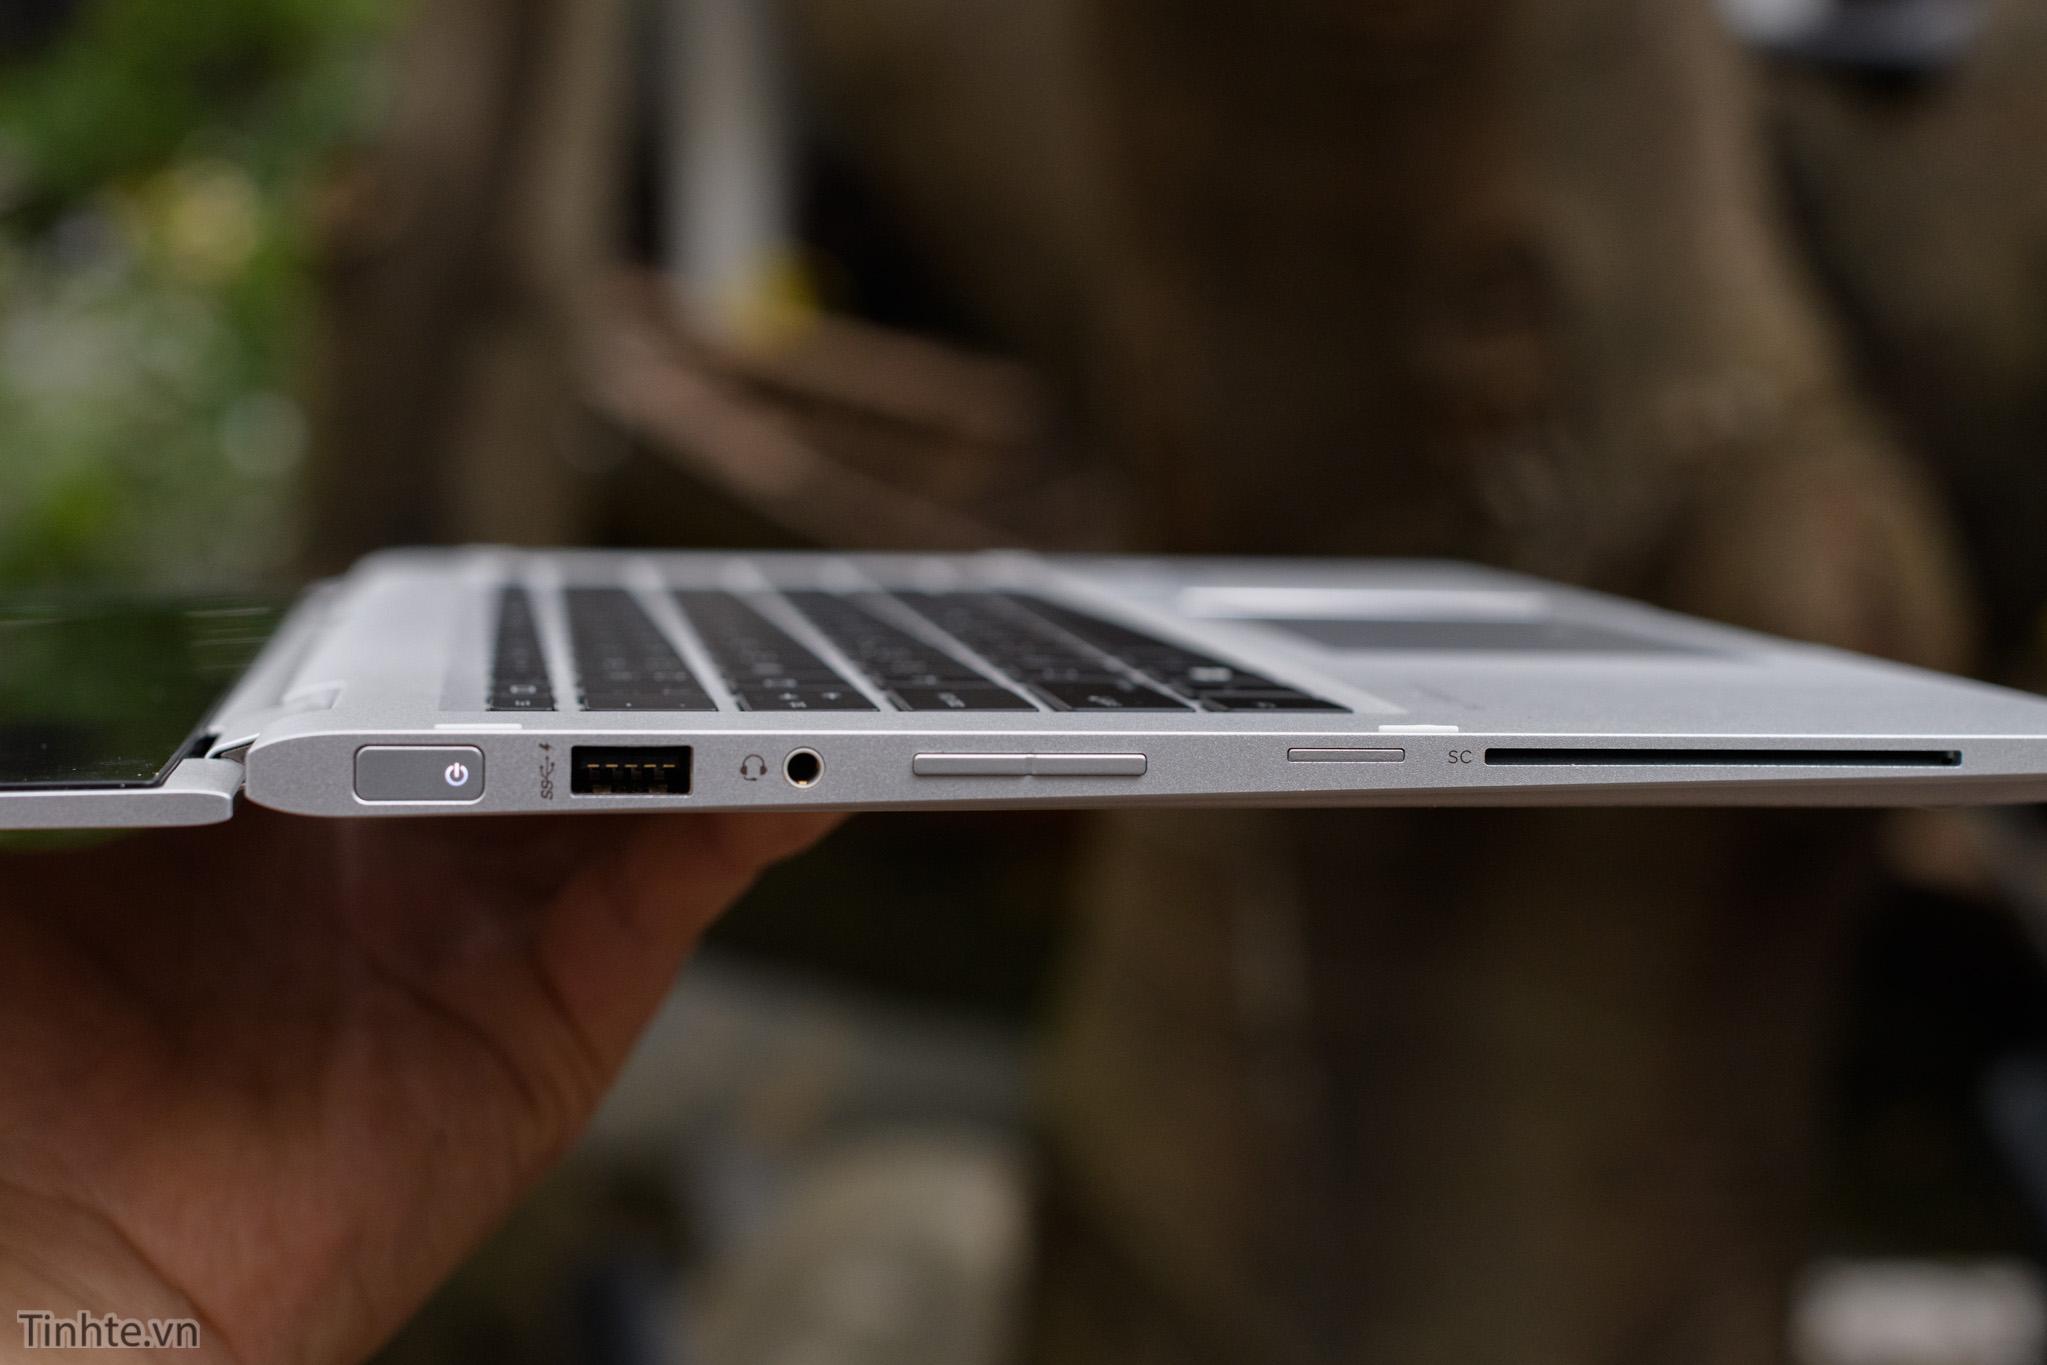 HP EliteBook_tinhte.vn 7.jpg